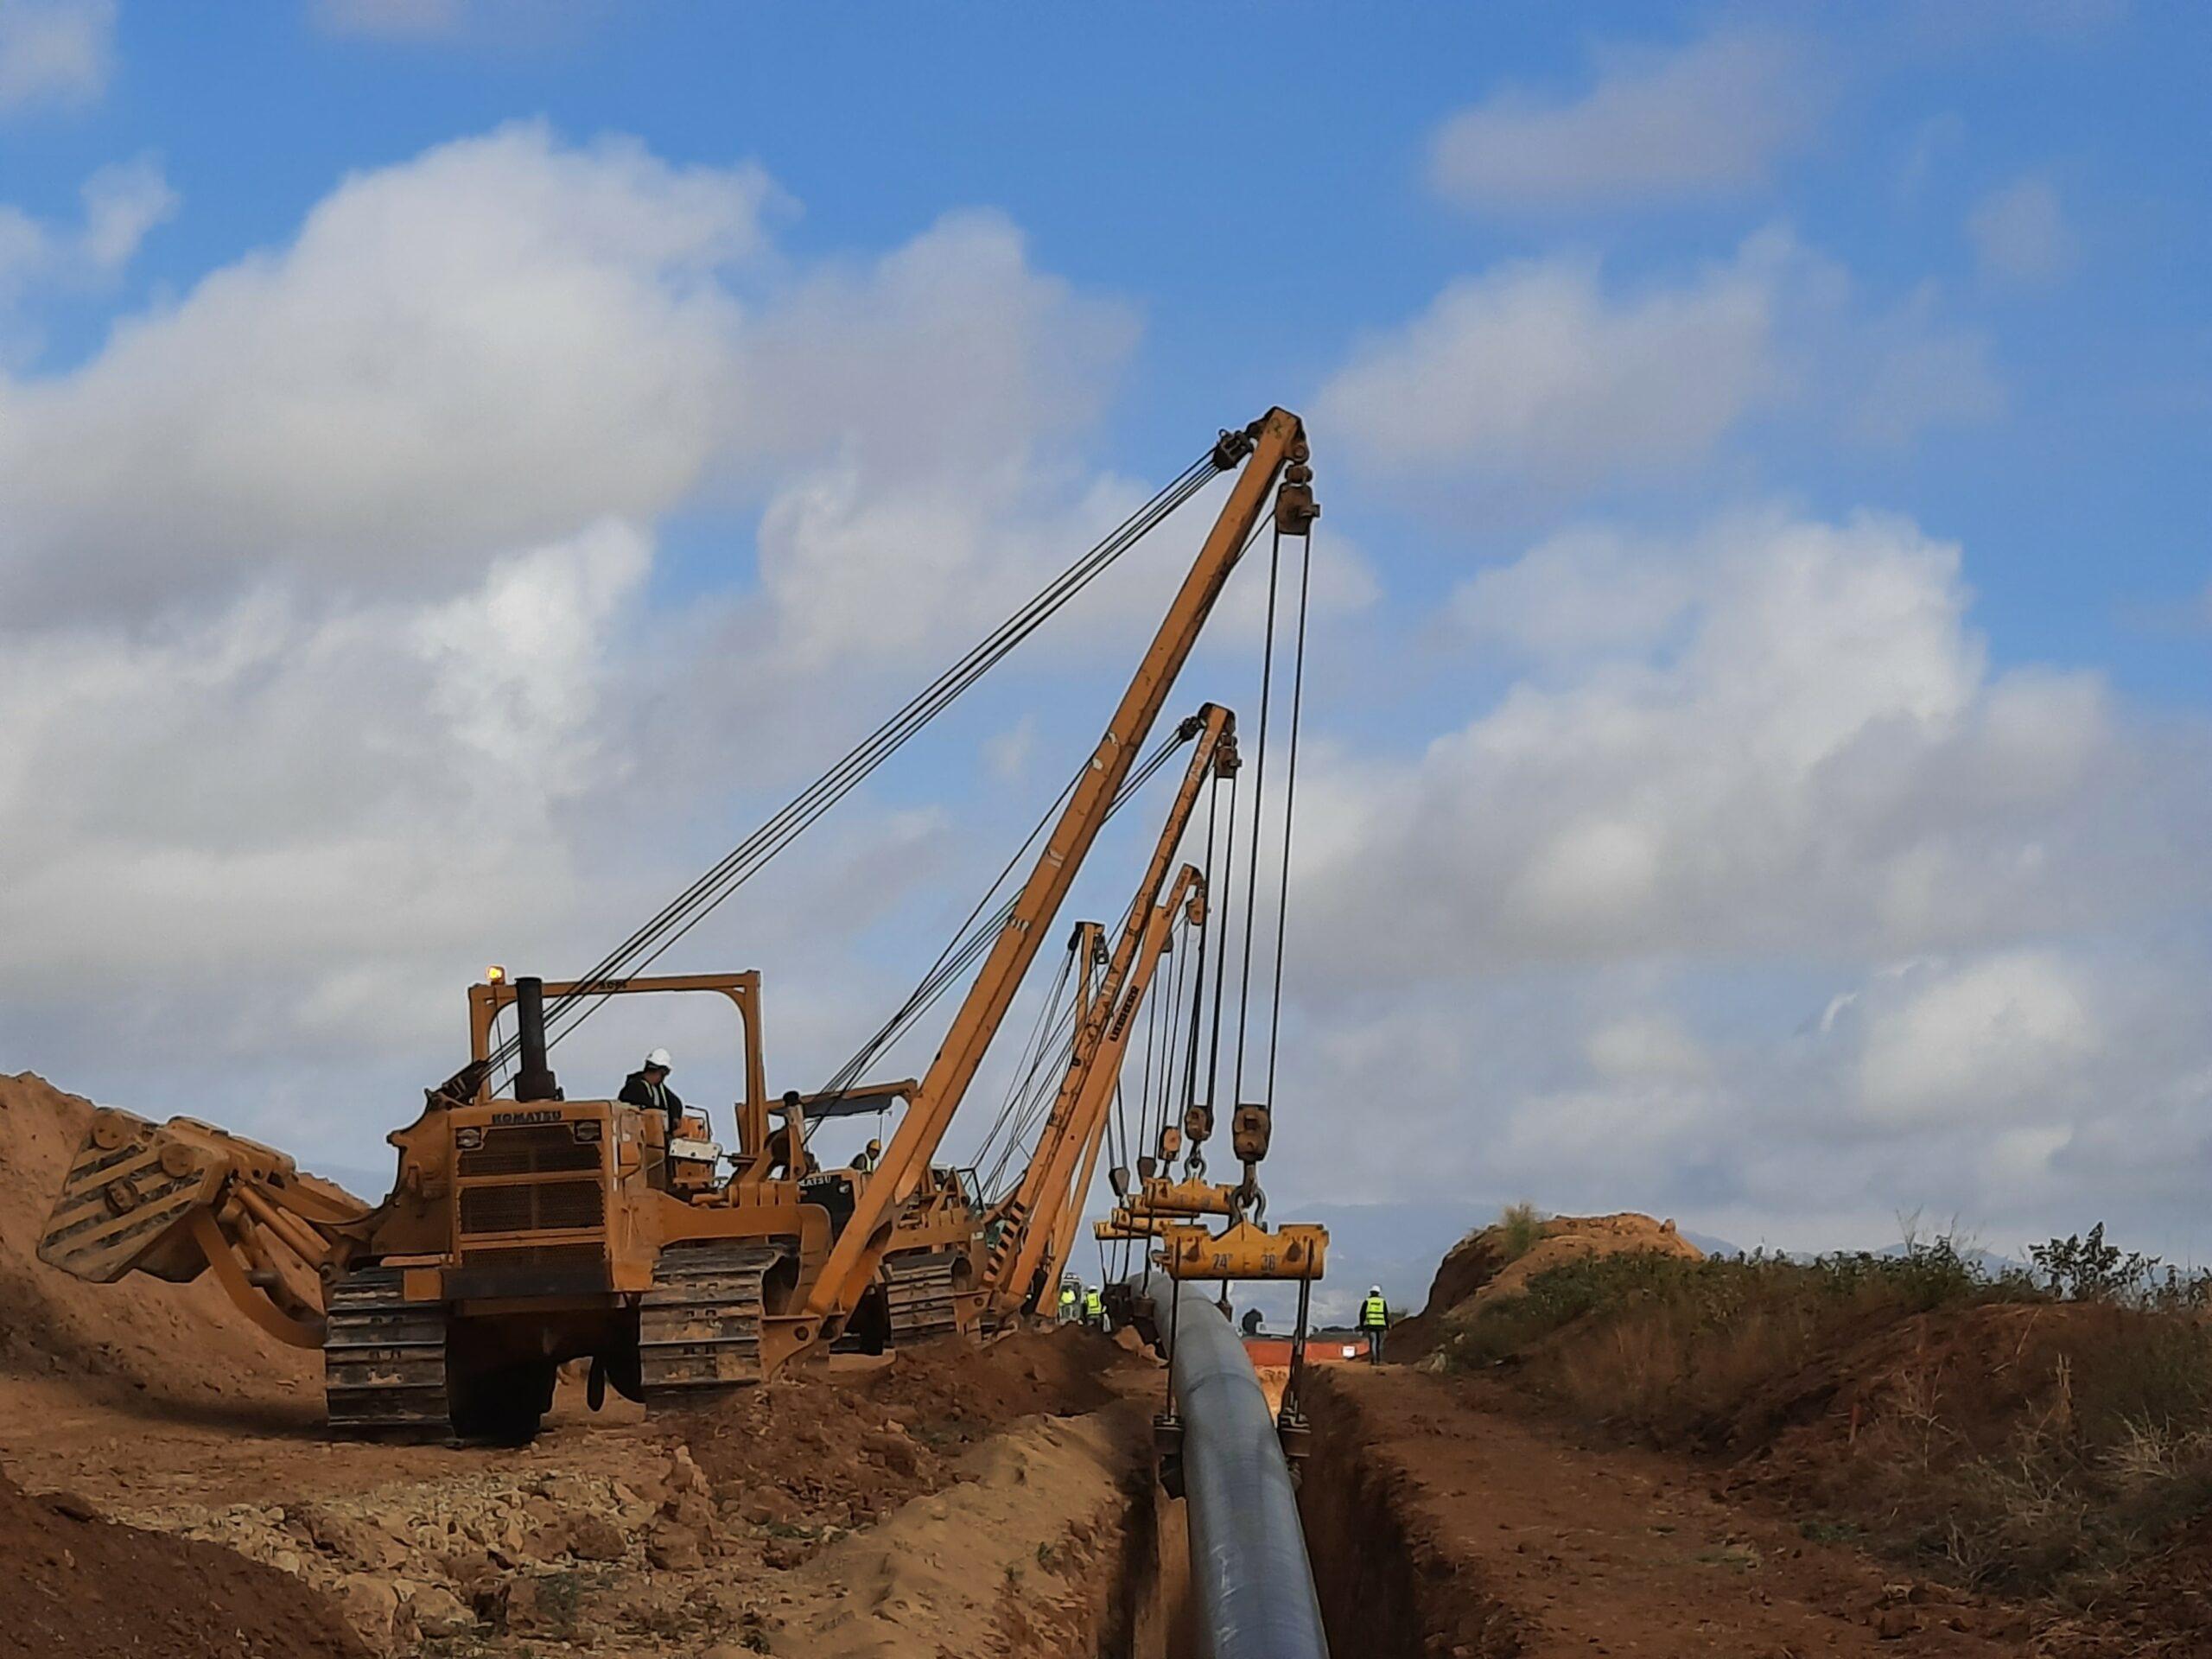 Η κατασκευή του Διασυνδετήριου Αγωγού Φυσικού Αερίου Ελλάδας – Βουλγαρίας (IGB) εξελίσσεται με πλήρη ταχύτητα